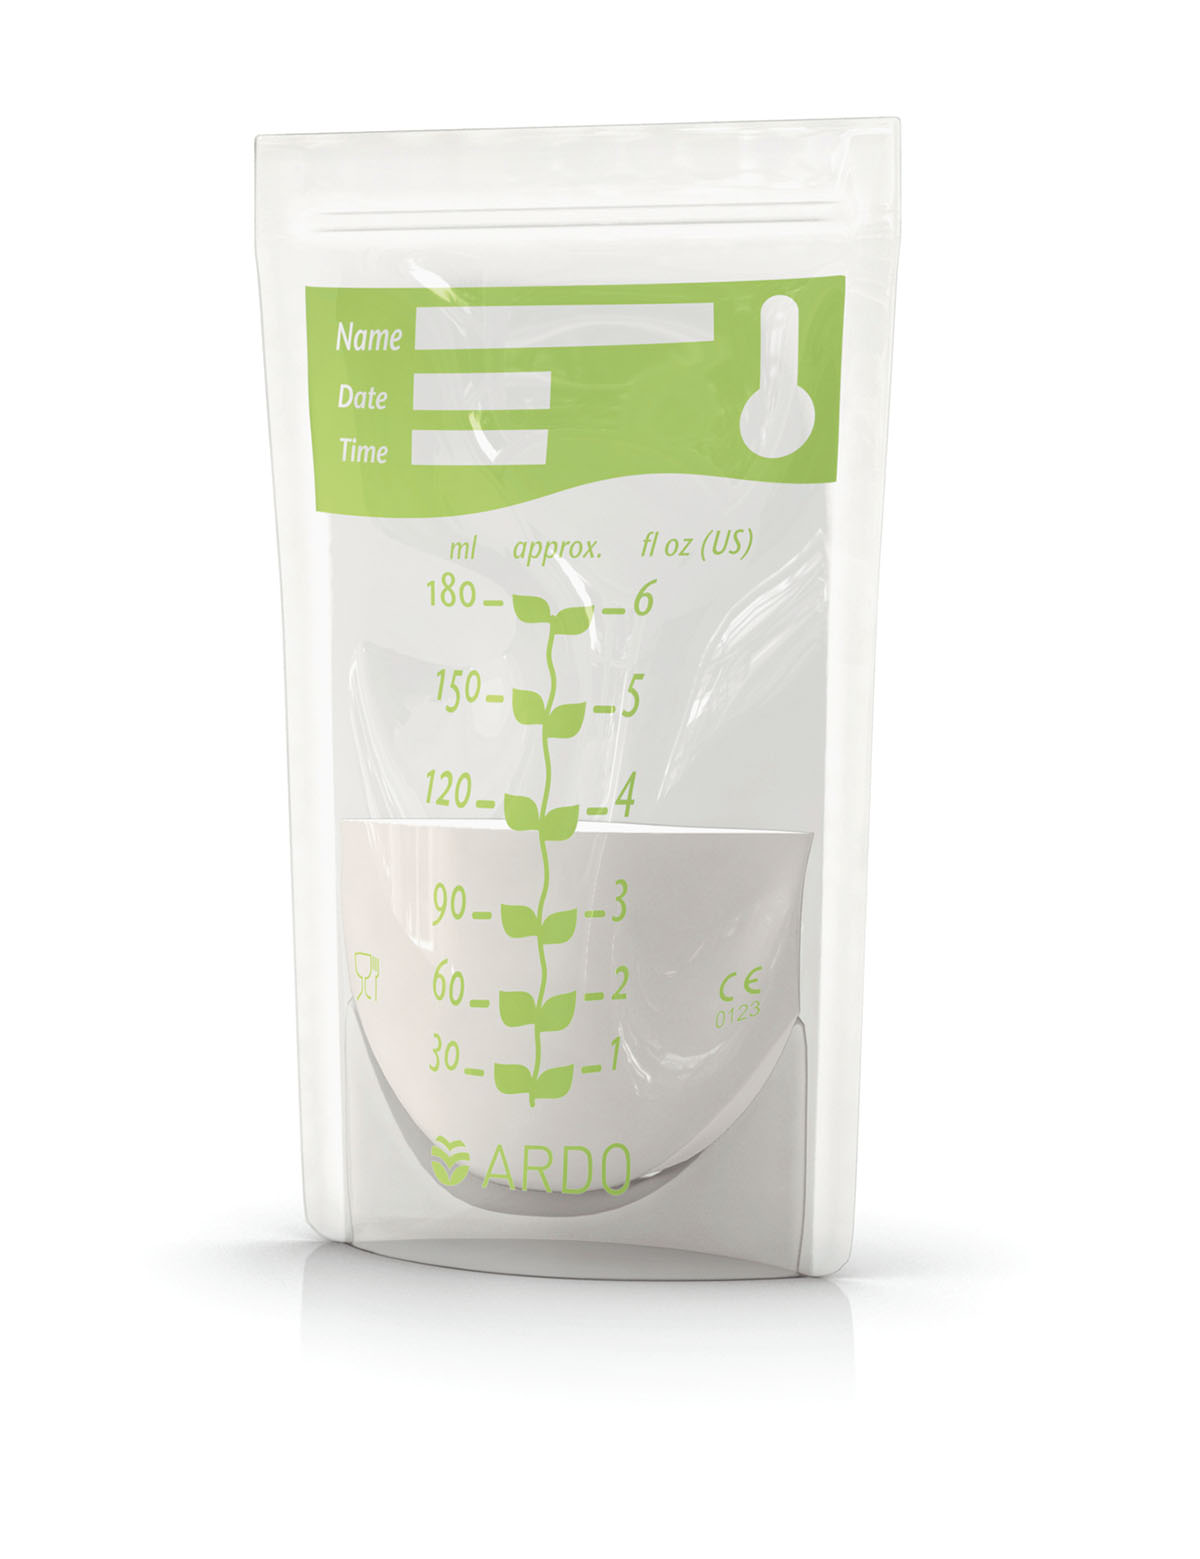 ardo-easy-freeze-breastmilk-storage-bags-3.jpg